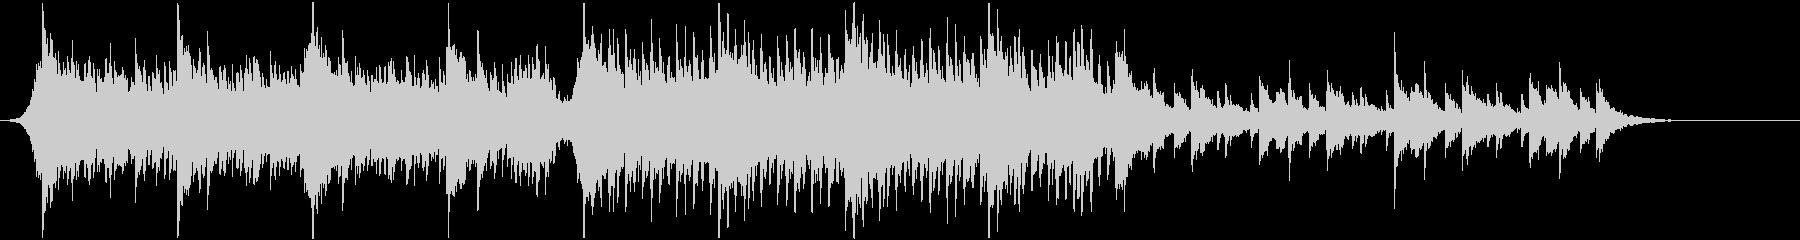 アコースティック系 切ない四つ打ちEDMの未再生の波形